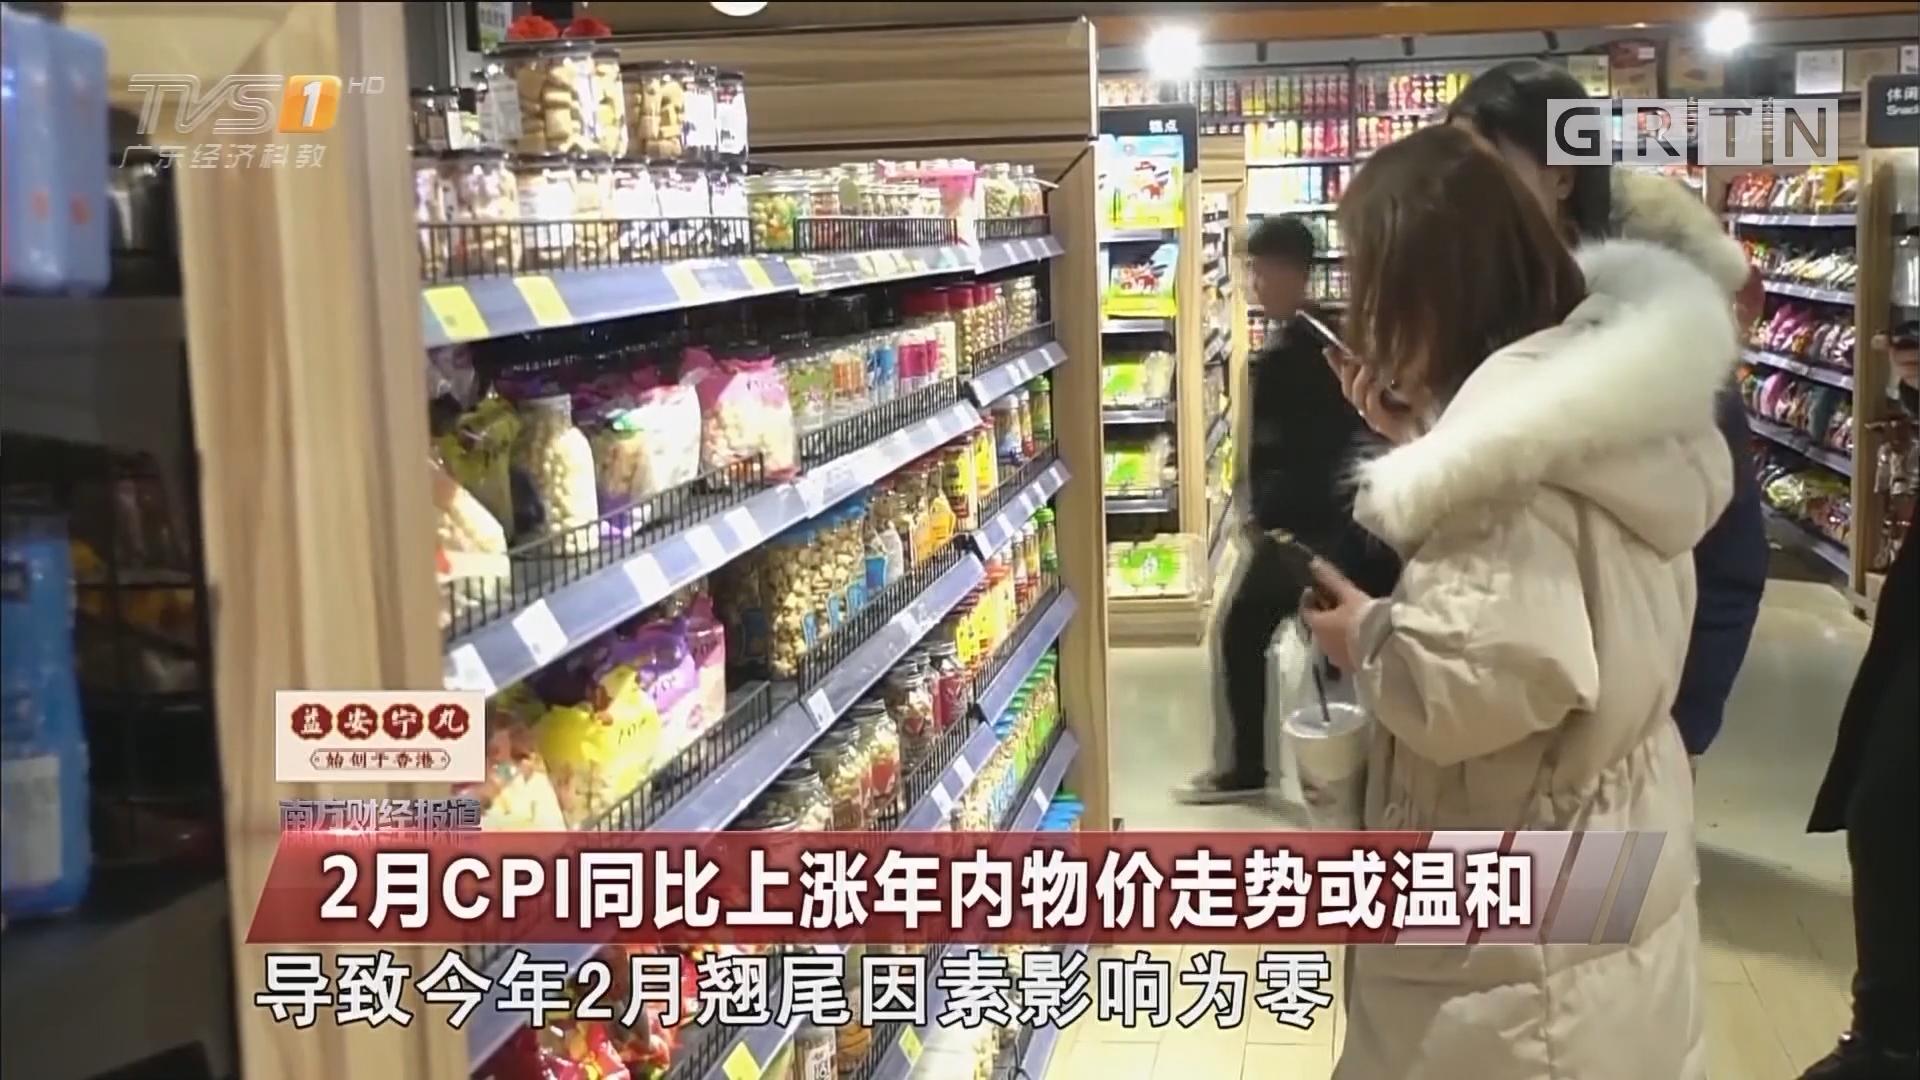 2月CPI同比上涨年内物价走势或温和